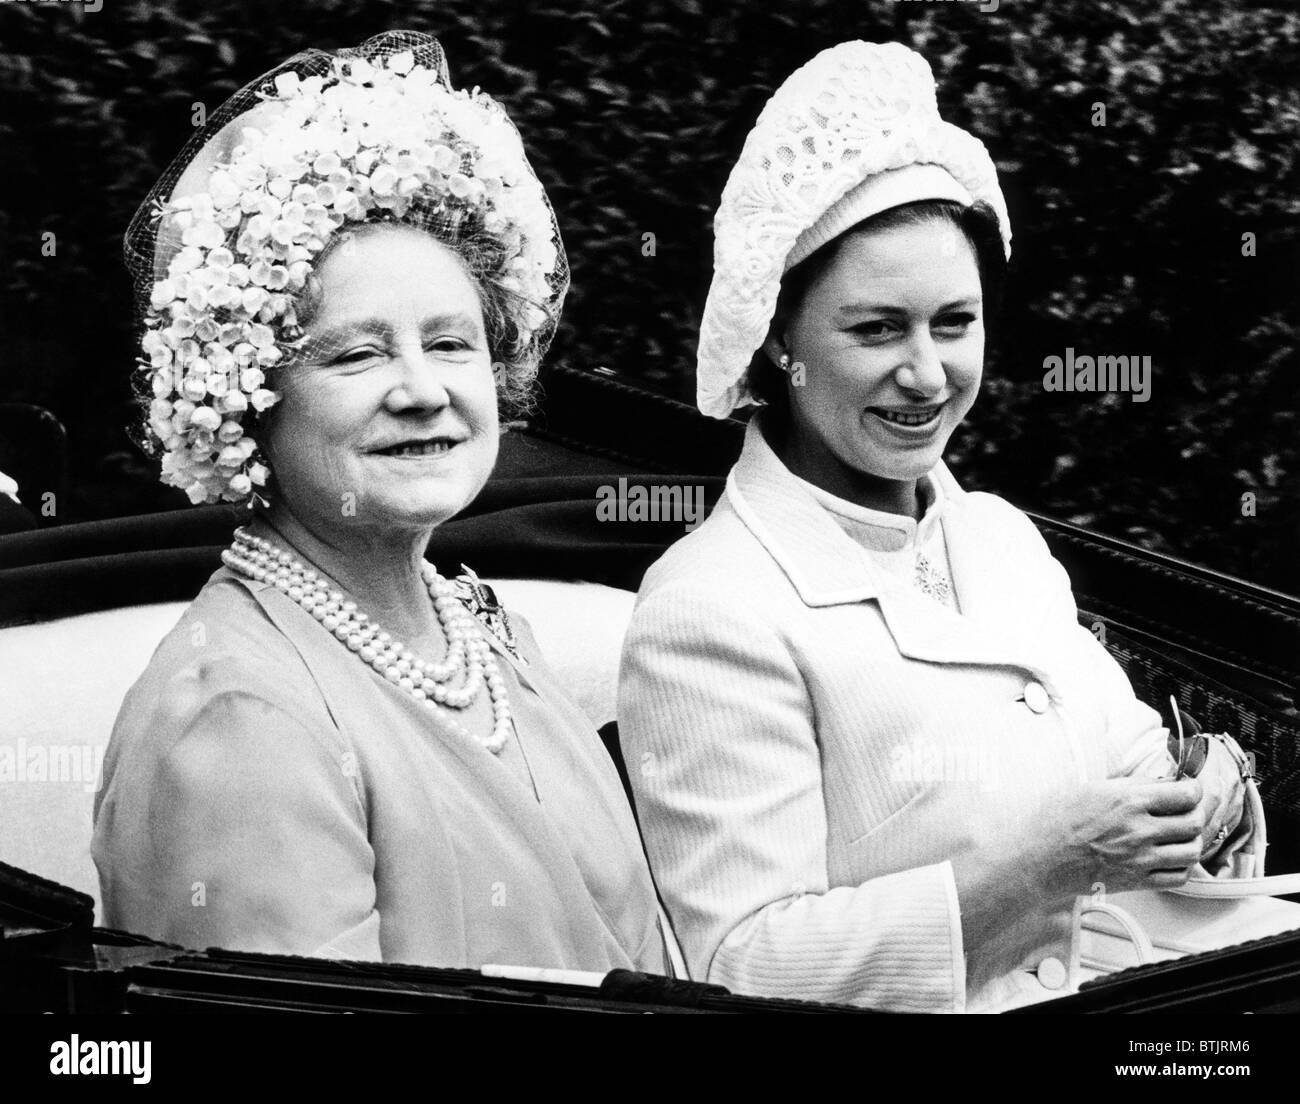 La reina Elizabeth (la reina madre), Princess Margaret, llegando en el primer día del Royal Ascot Carreras Imagen De Stock